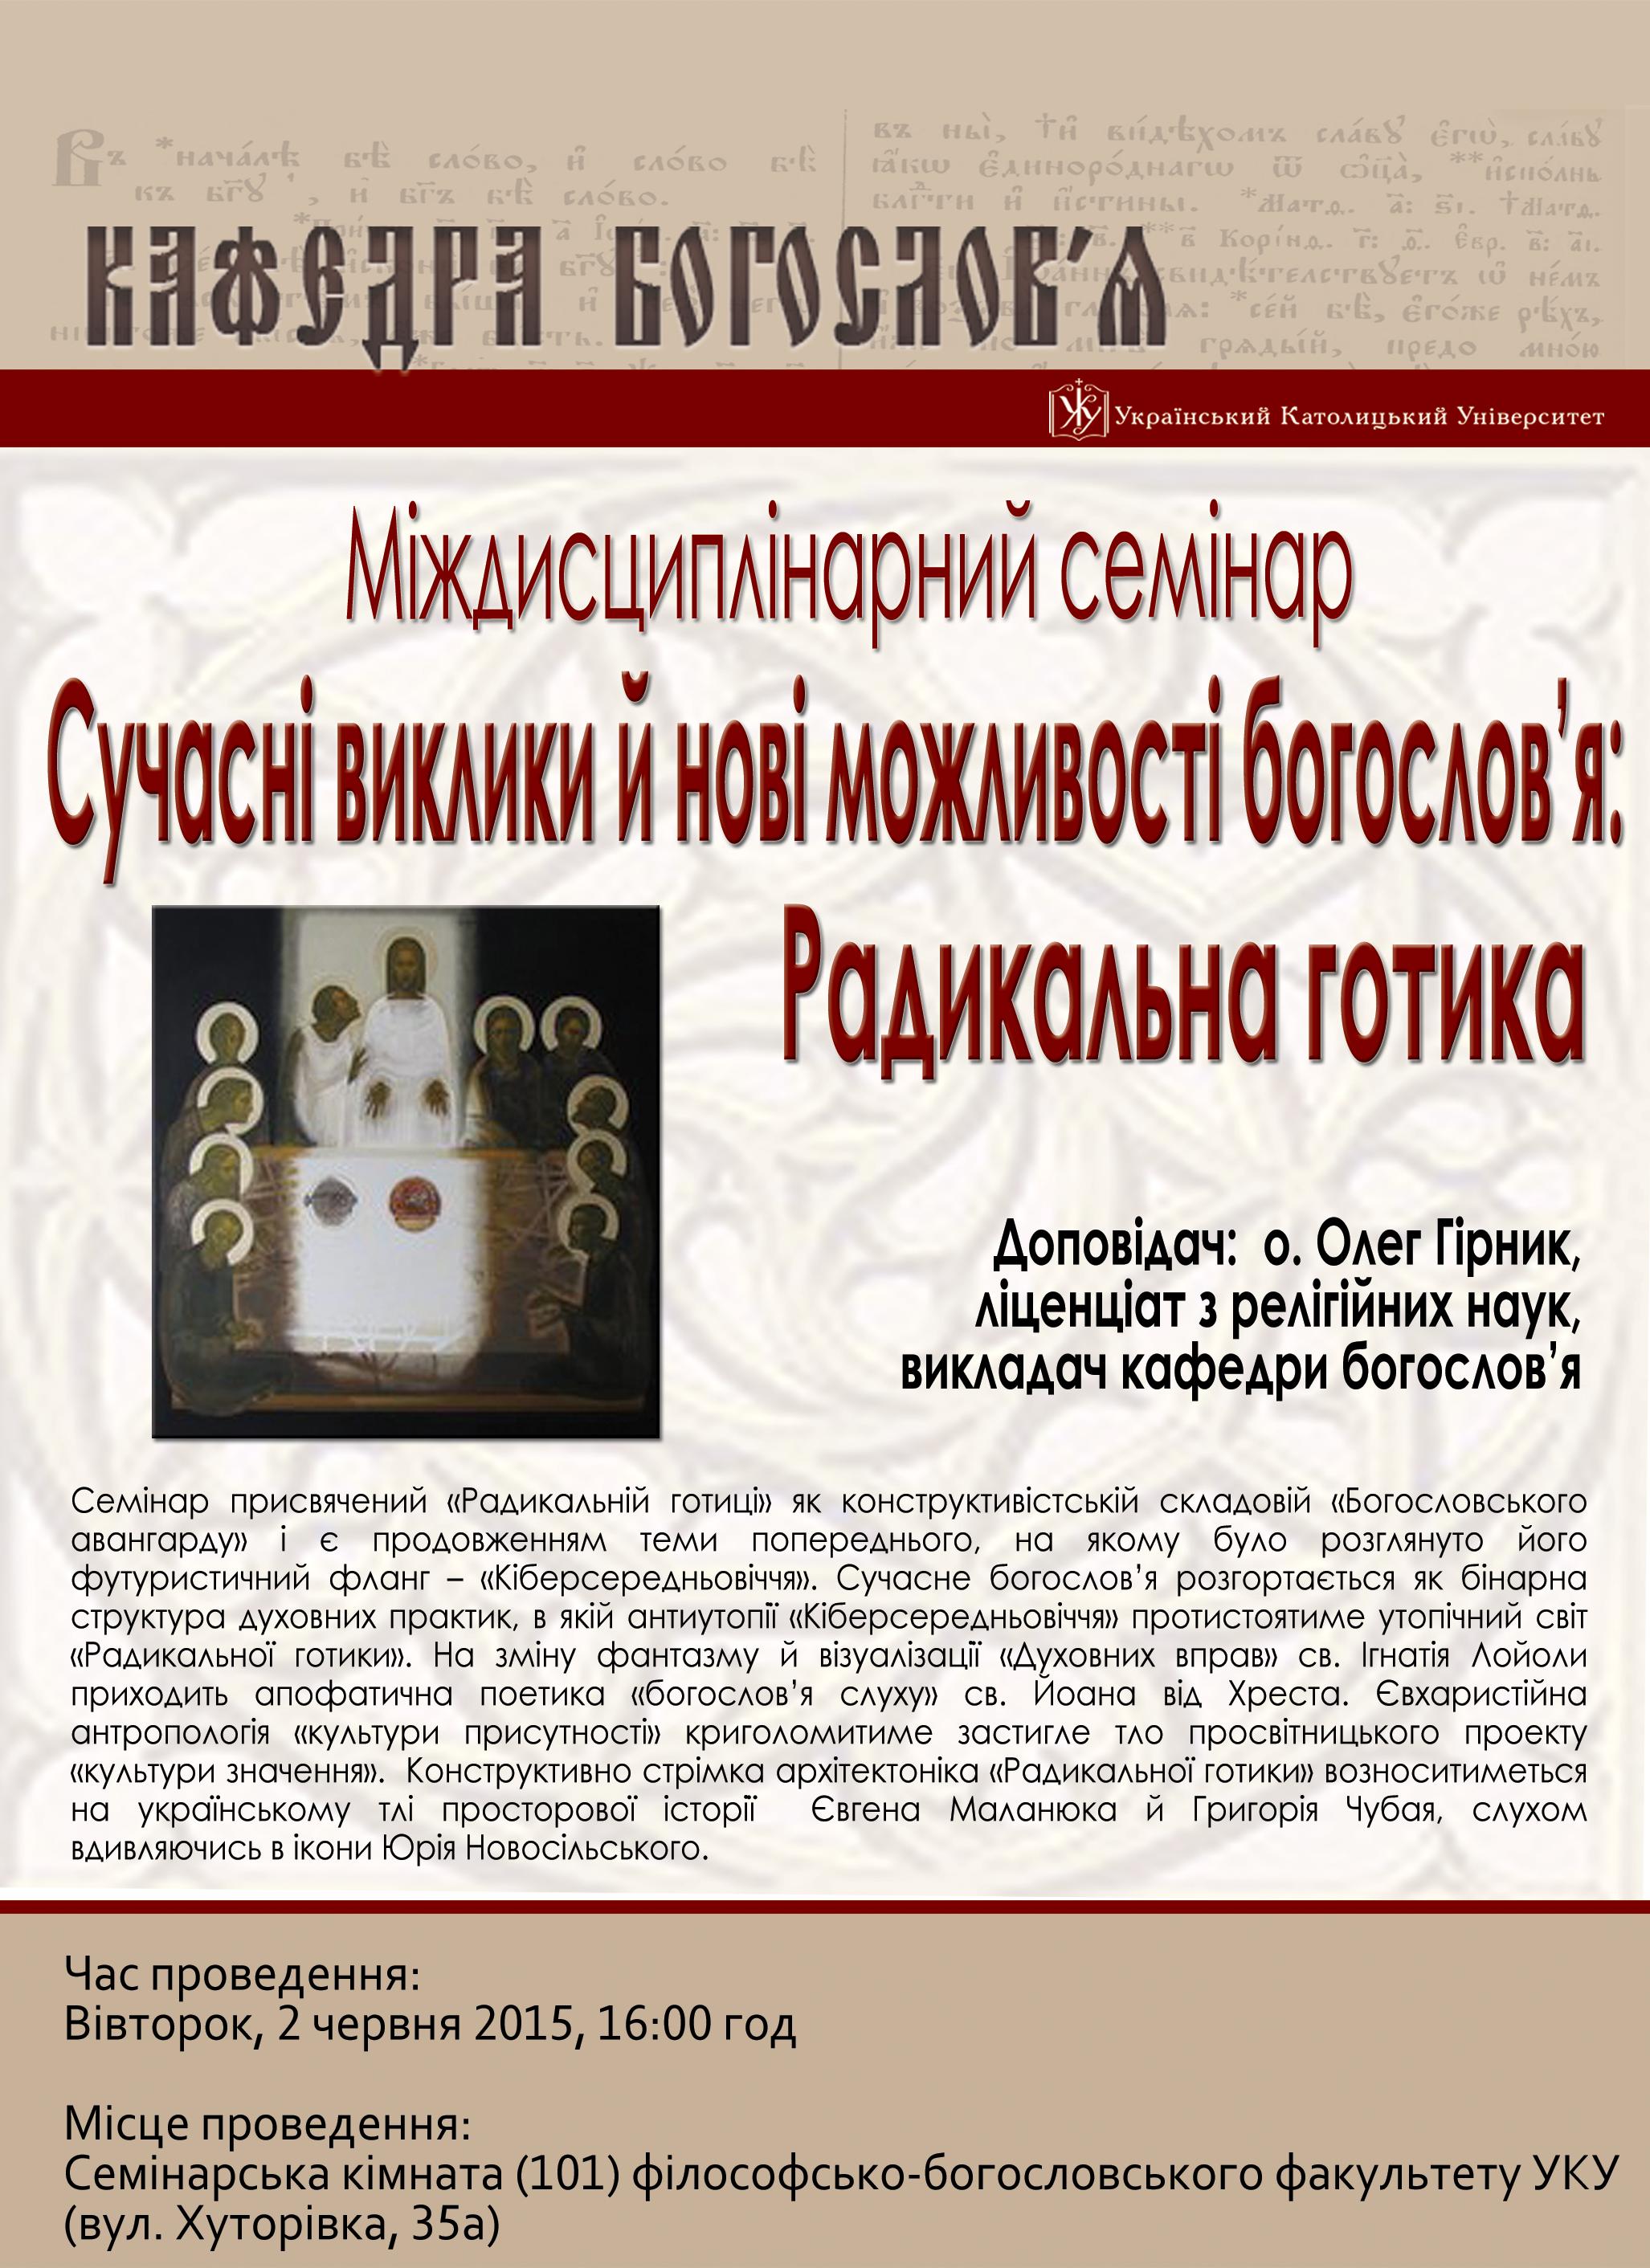 radykalna_hotyka copy